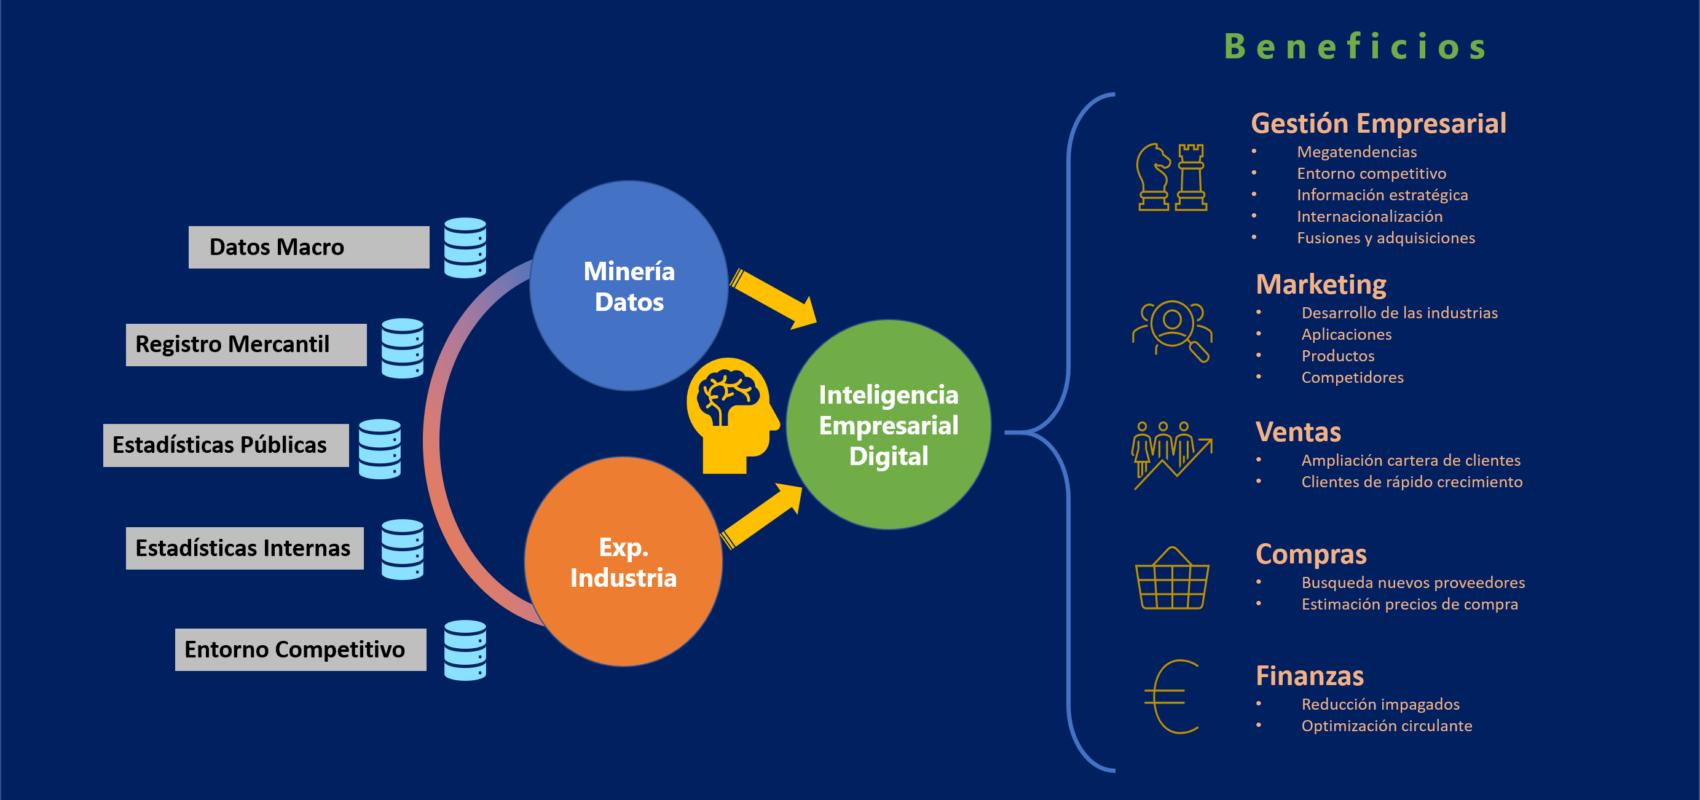 Inteligencia empresarial digital